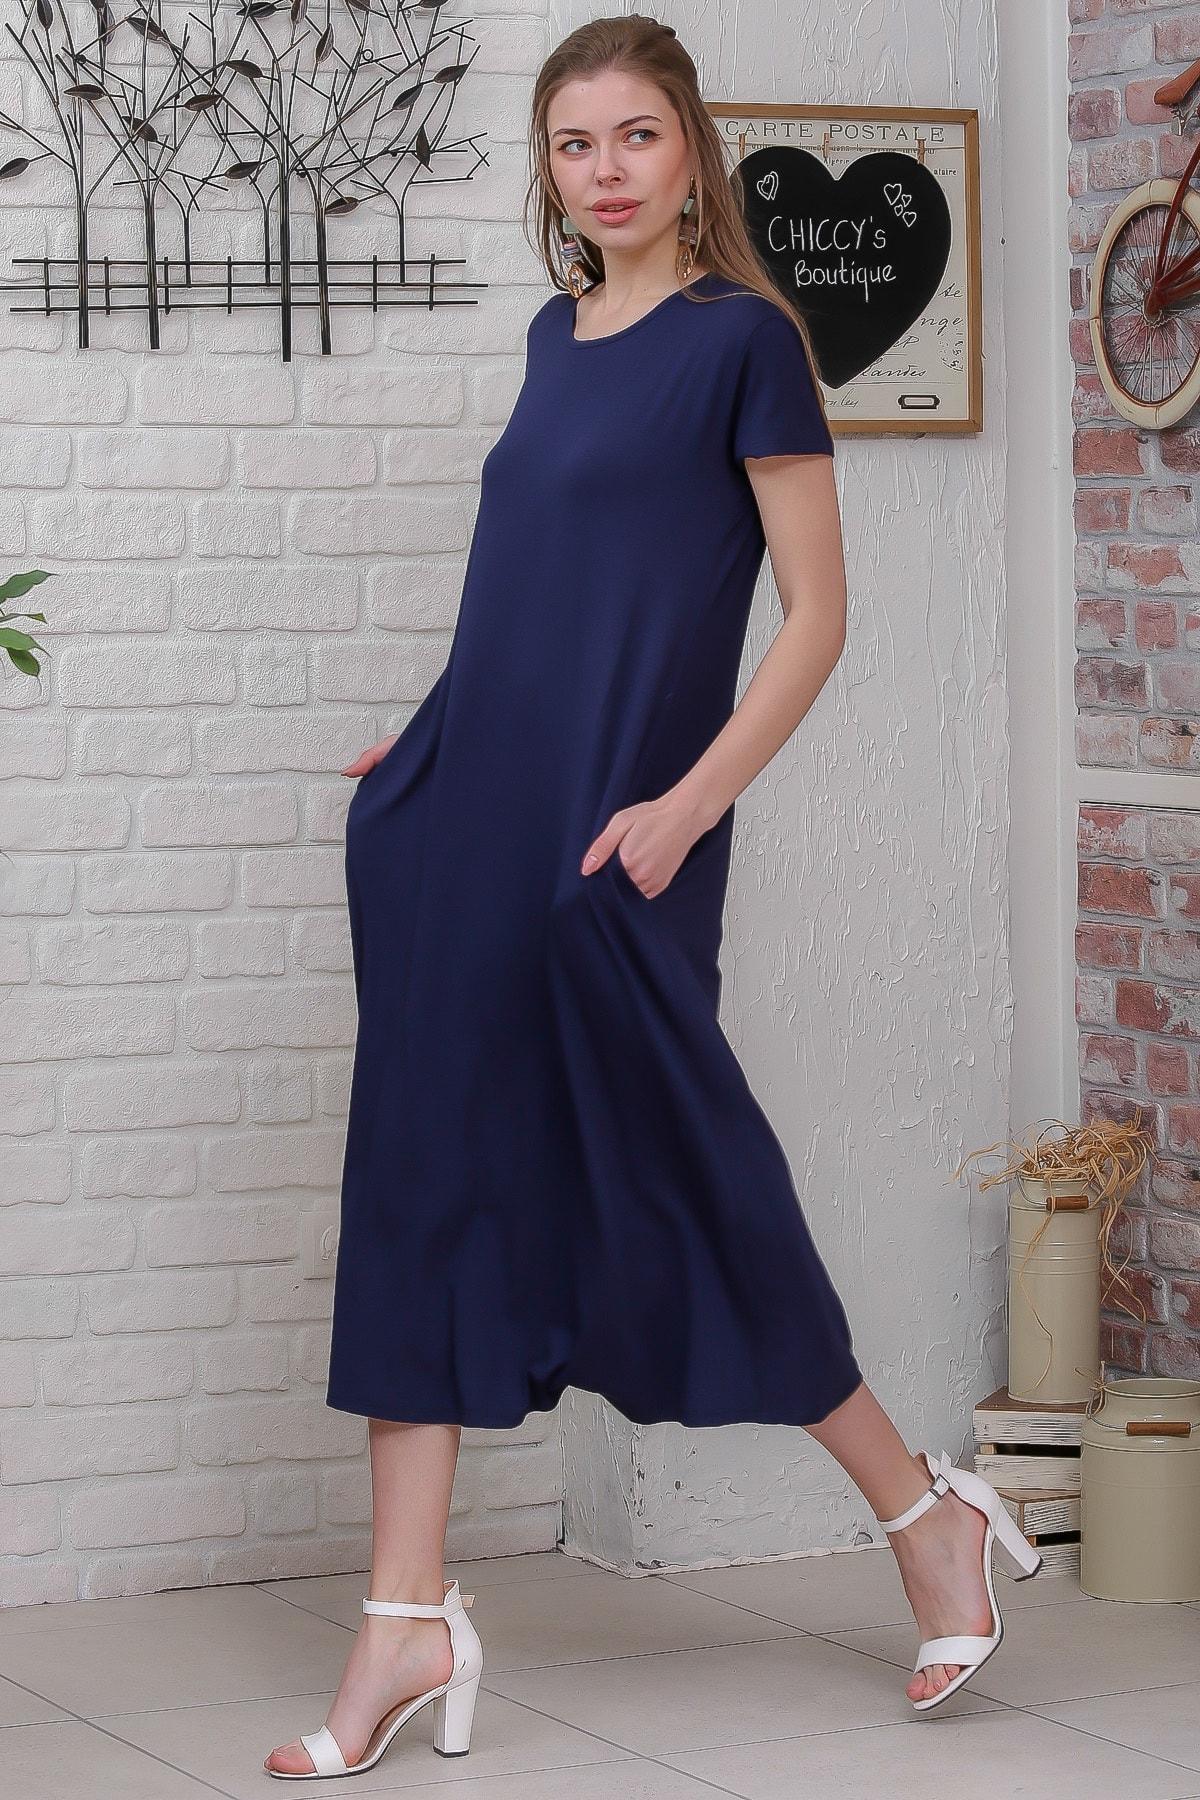 Chiccy Kadın Lacivert Sıfır Yaka Kısa Kollu Gizli Cepli Salaş Elbise M10160000EL95531 3